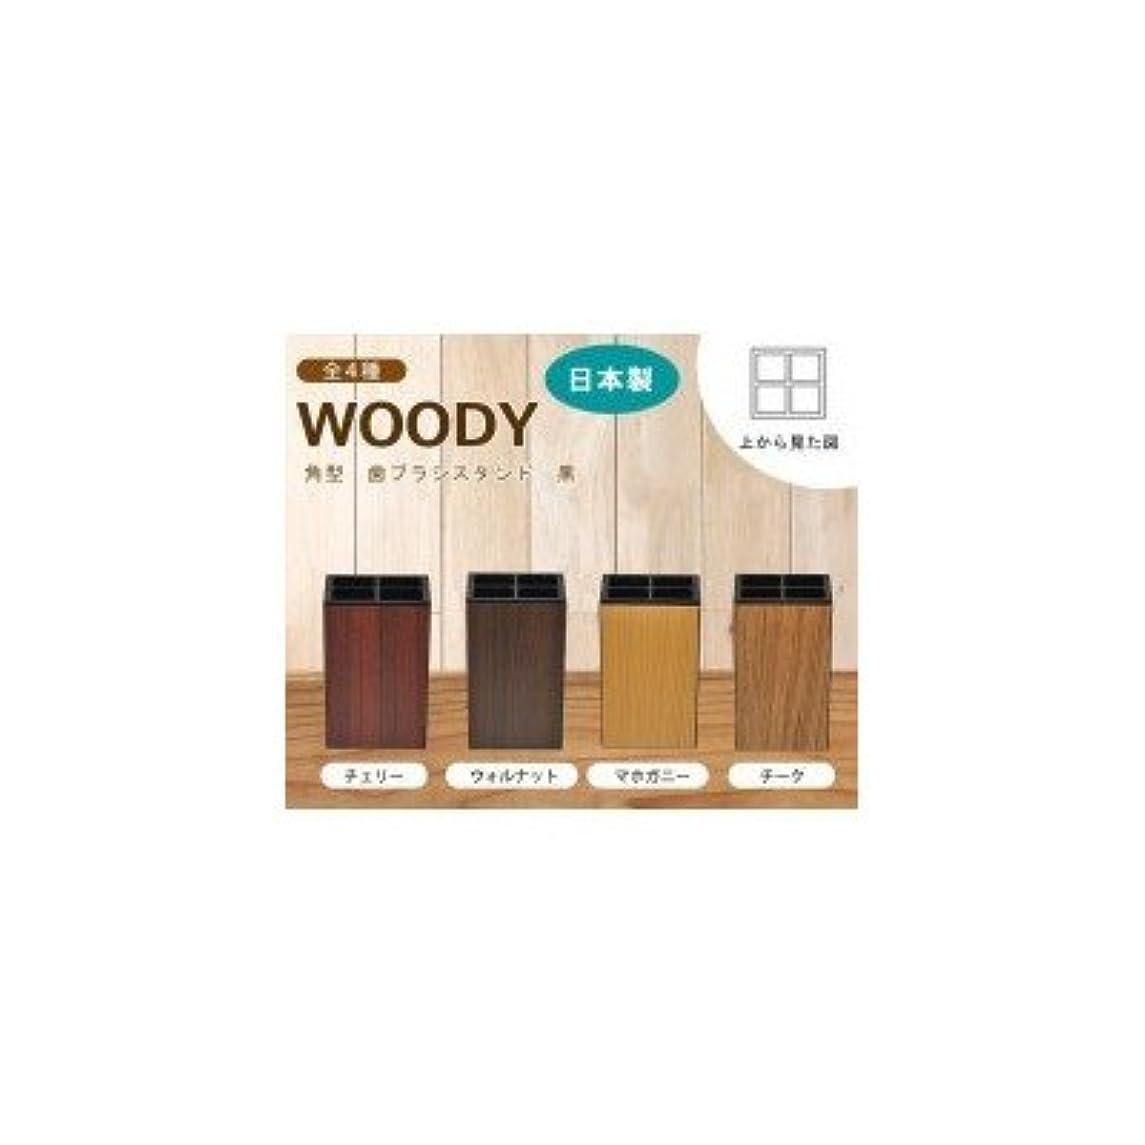 島誰なぜなら日本製 WOODY ウッディ 角型 歯ブラシスタンド 黒 チーク?13-450369( 画像はイメージ画像です お届けの商品はチーク?13-450369のみとなります)